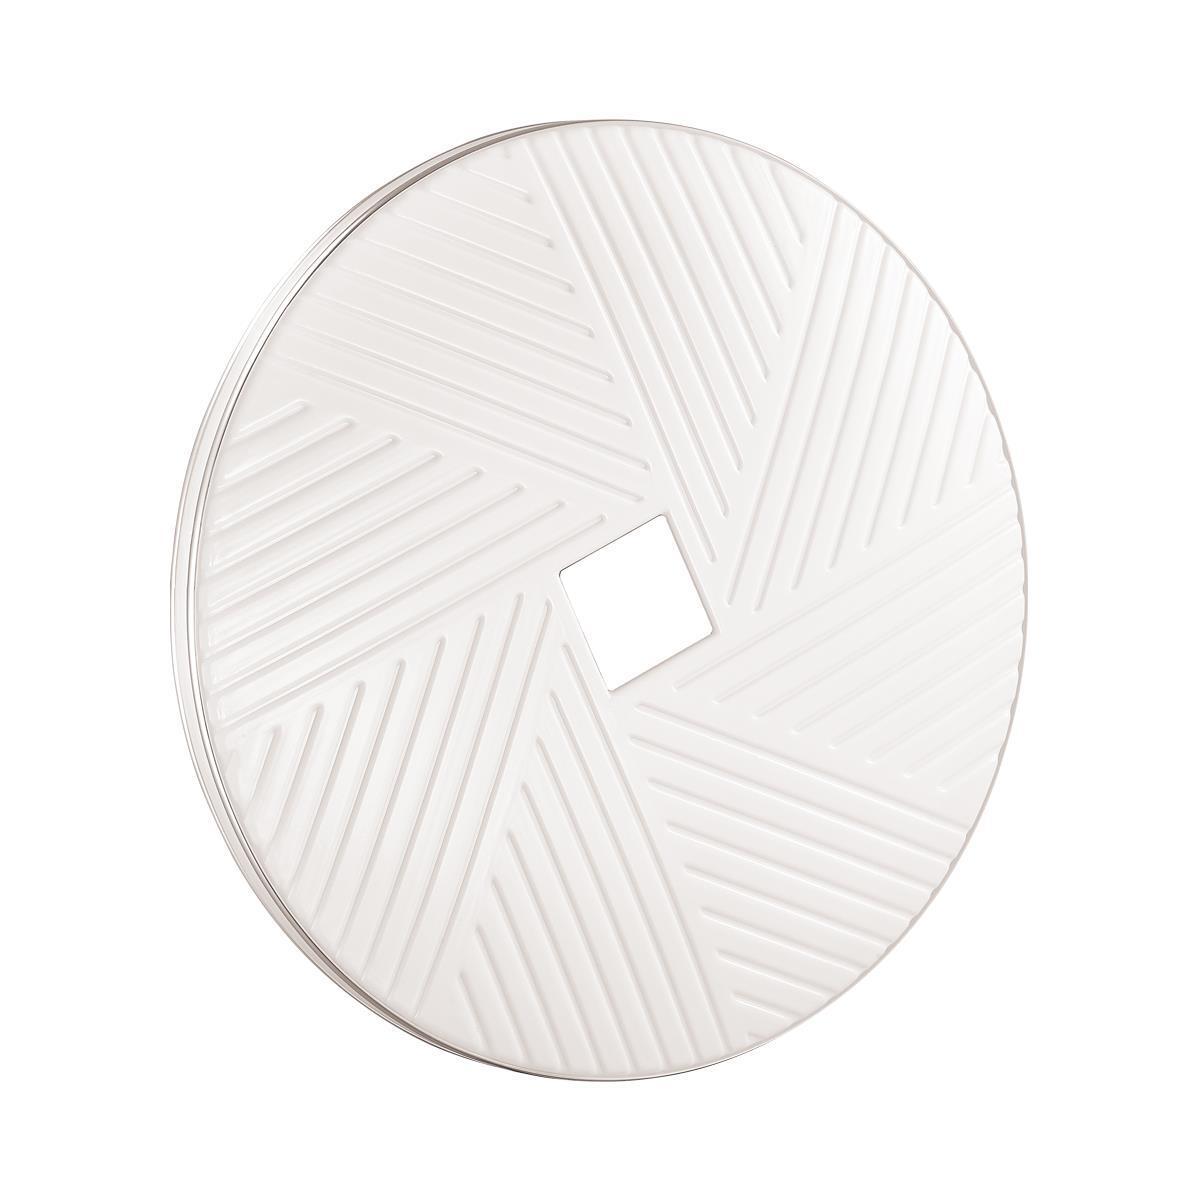 Настенно-потолочный светильник Sonex BERASA 3018/DL, LED, 48 Вт